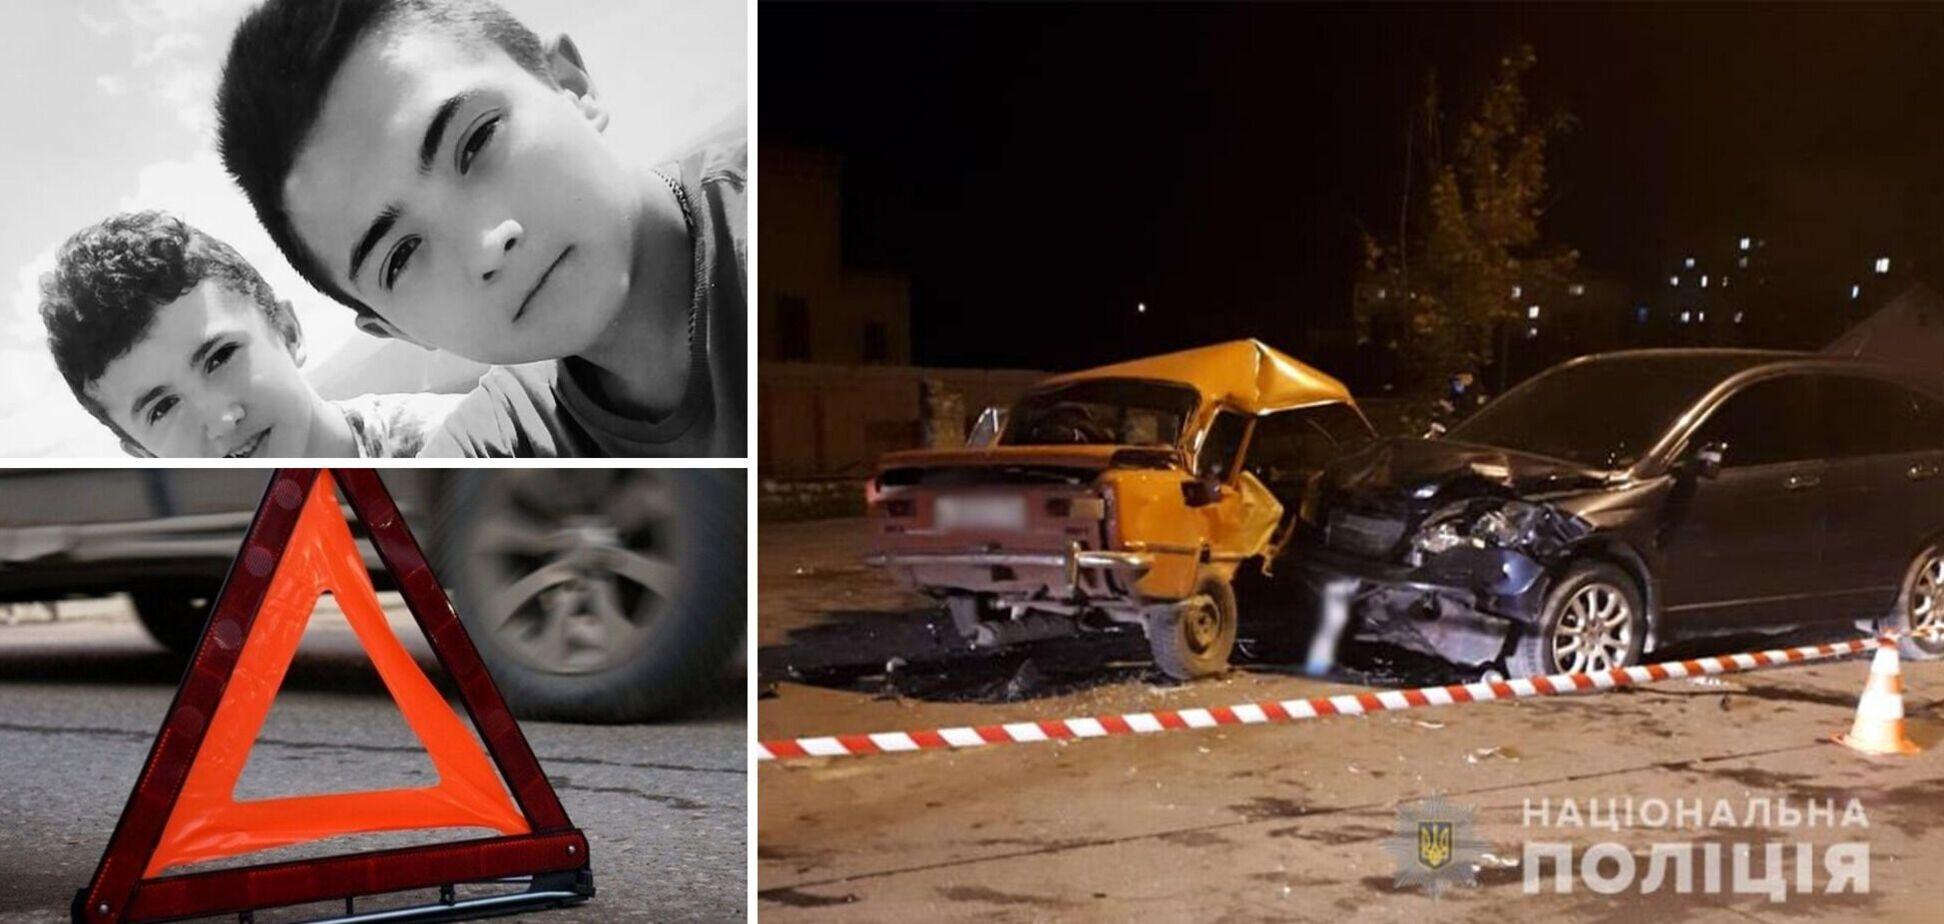 Загинуло двоє дітей, а бізнесмен утік: у справі про п'яну ДТП на Хмельниччині відбувся різкий розворот